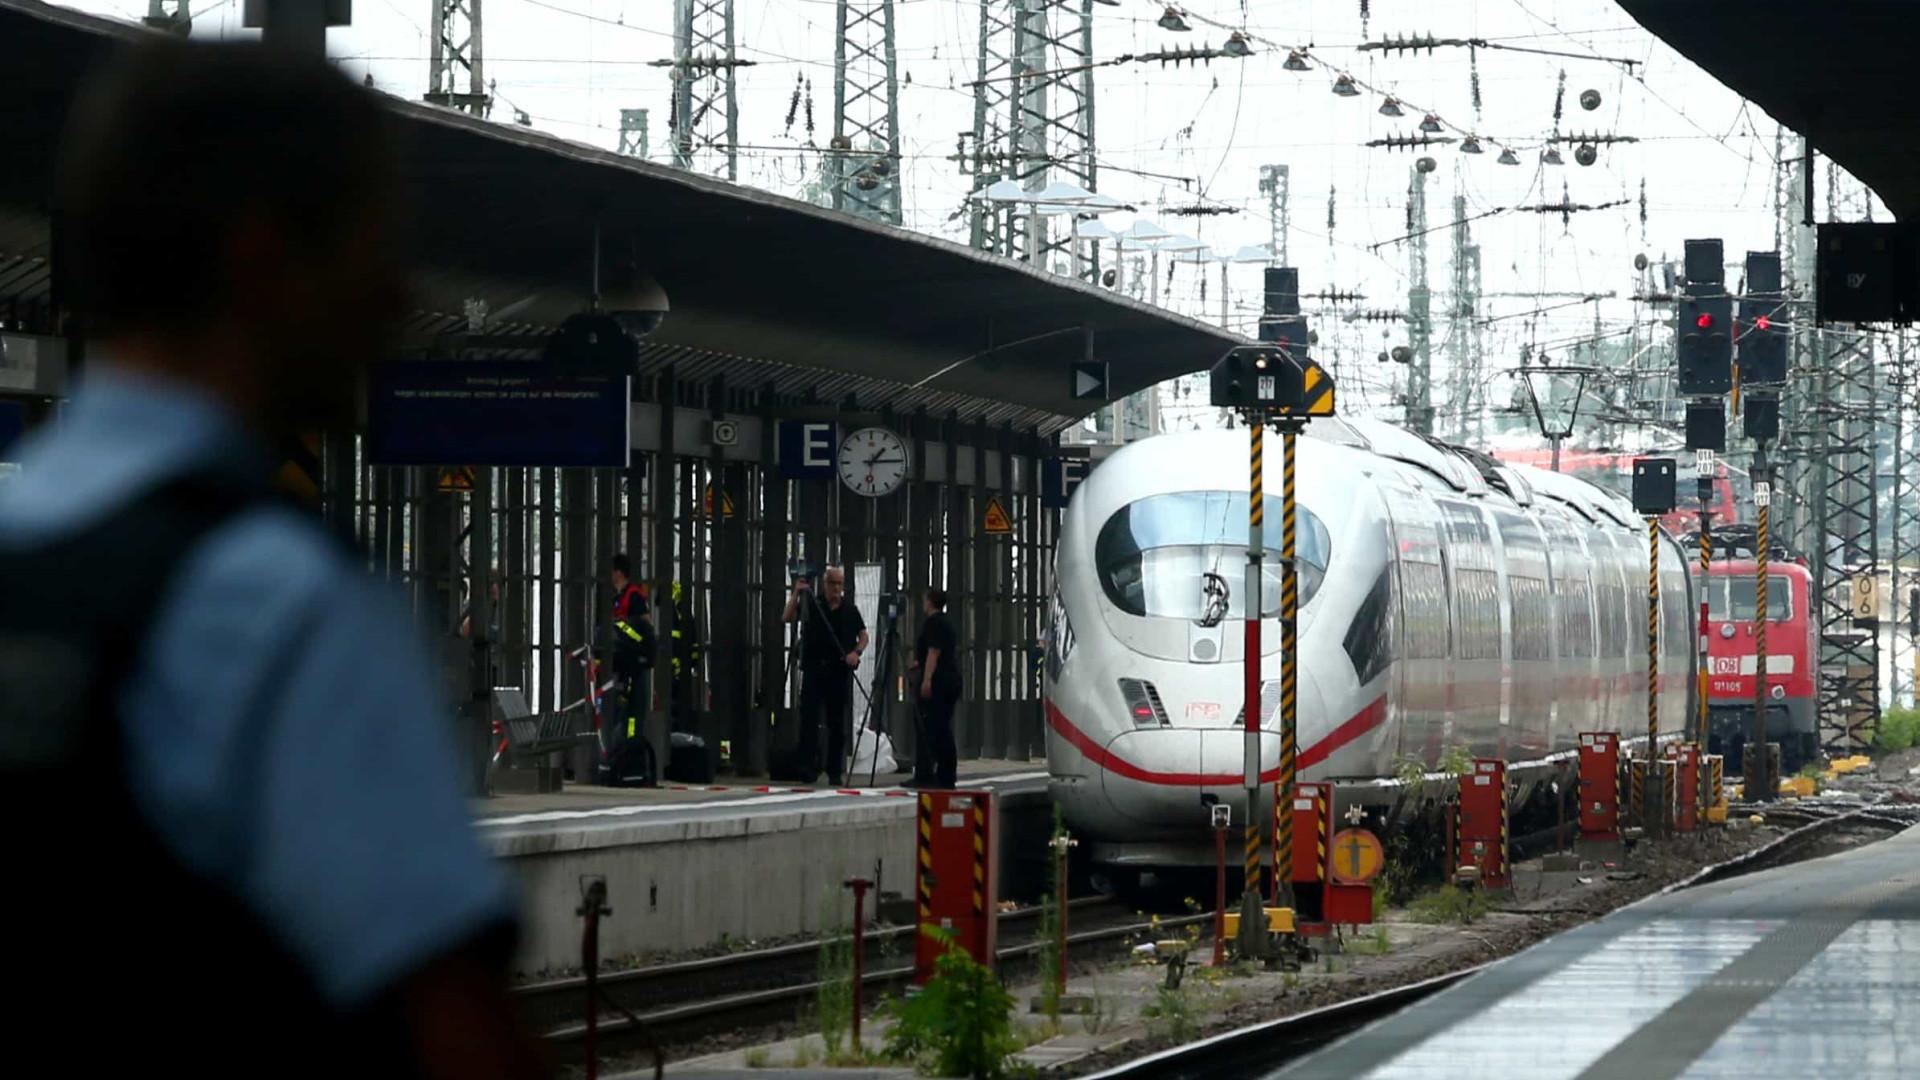 Criança morre após ser empurrada e atropelada em trem na Alemanha